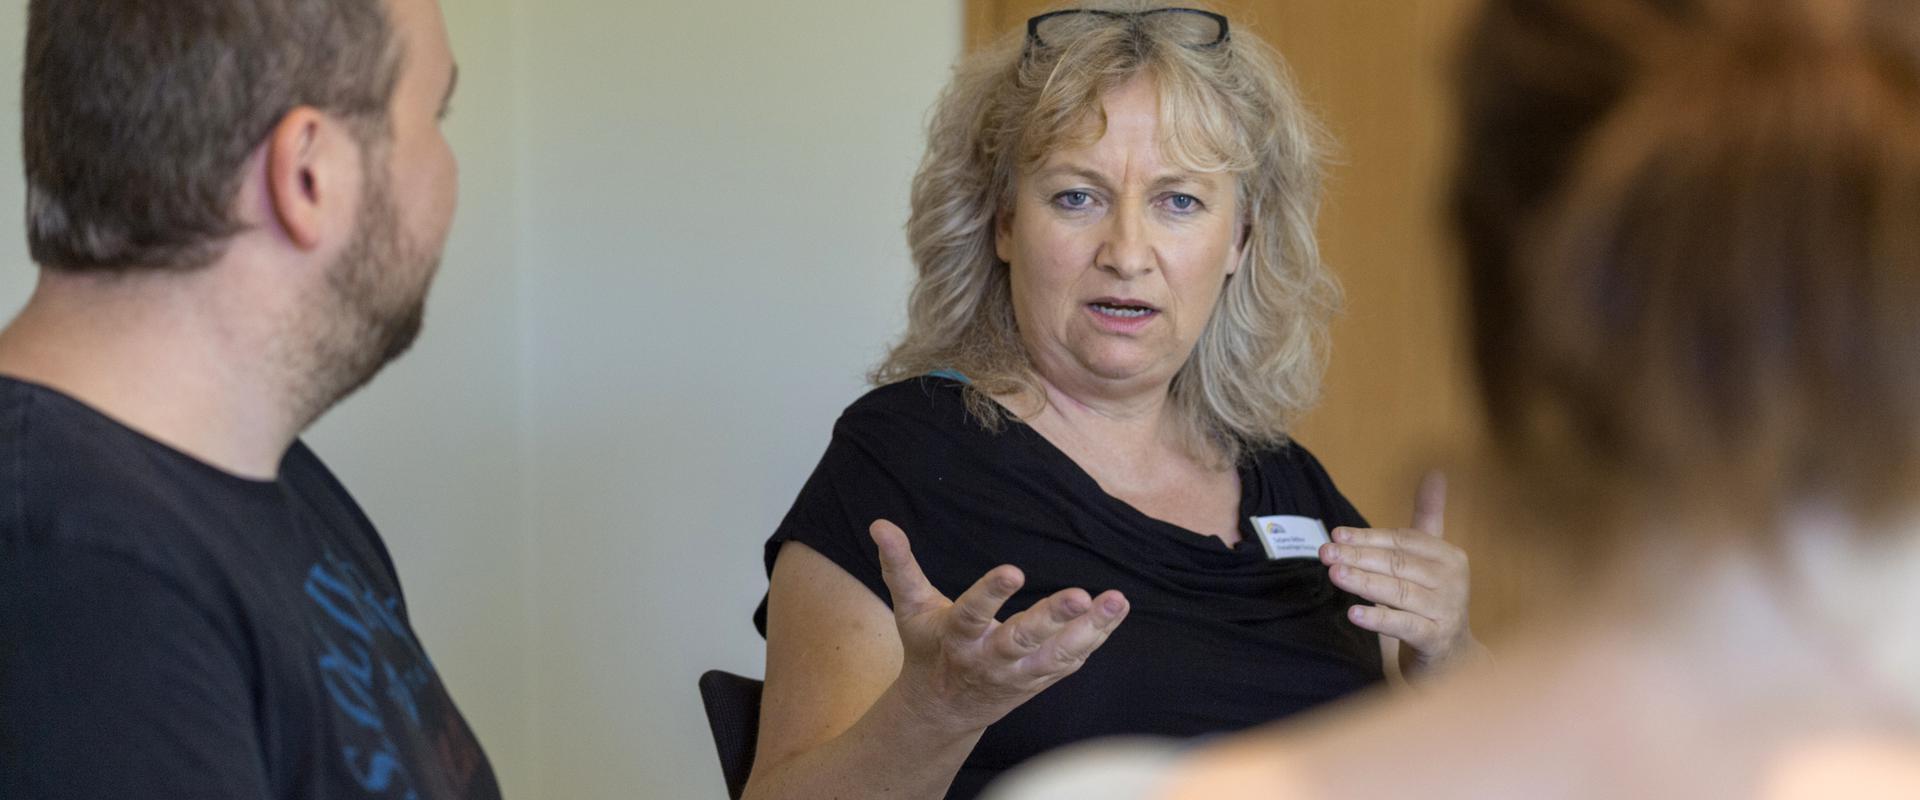 Therapeutin spricht mit den Patienten in der MEDIAN Klinik Münchwies